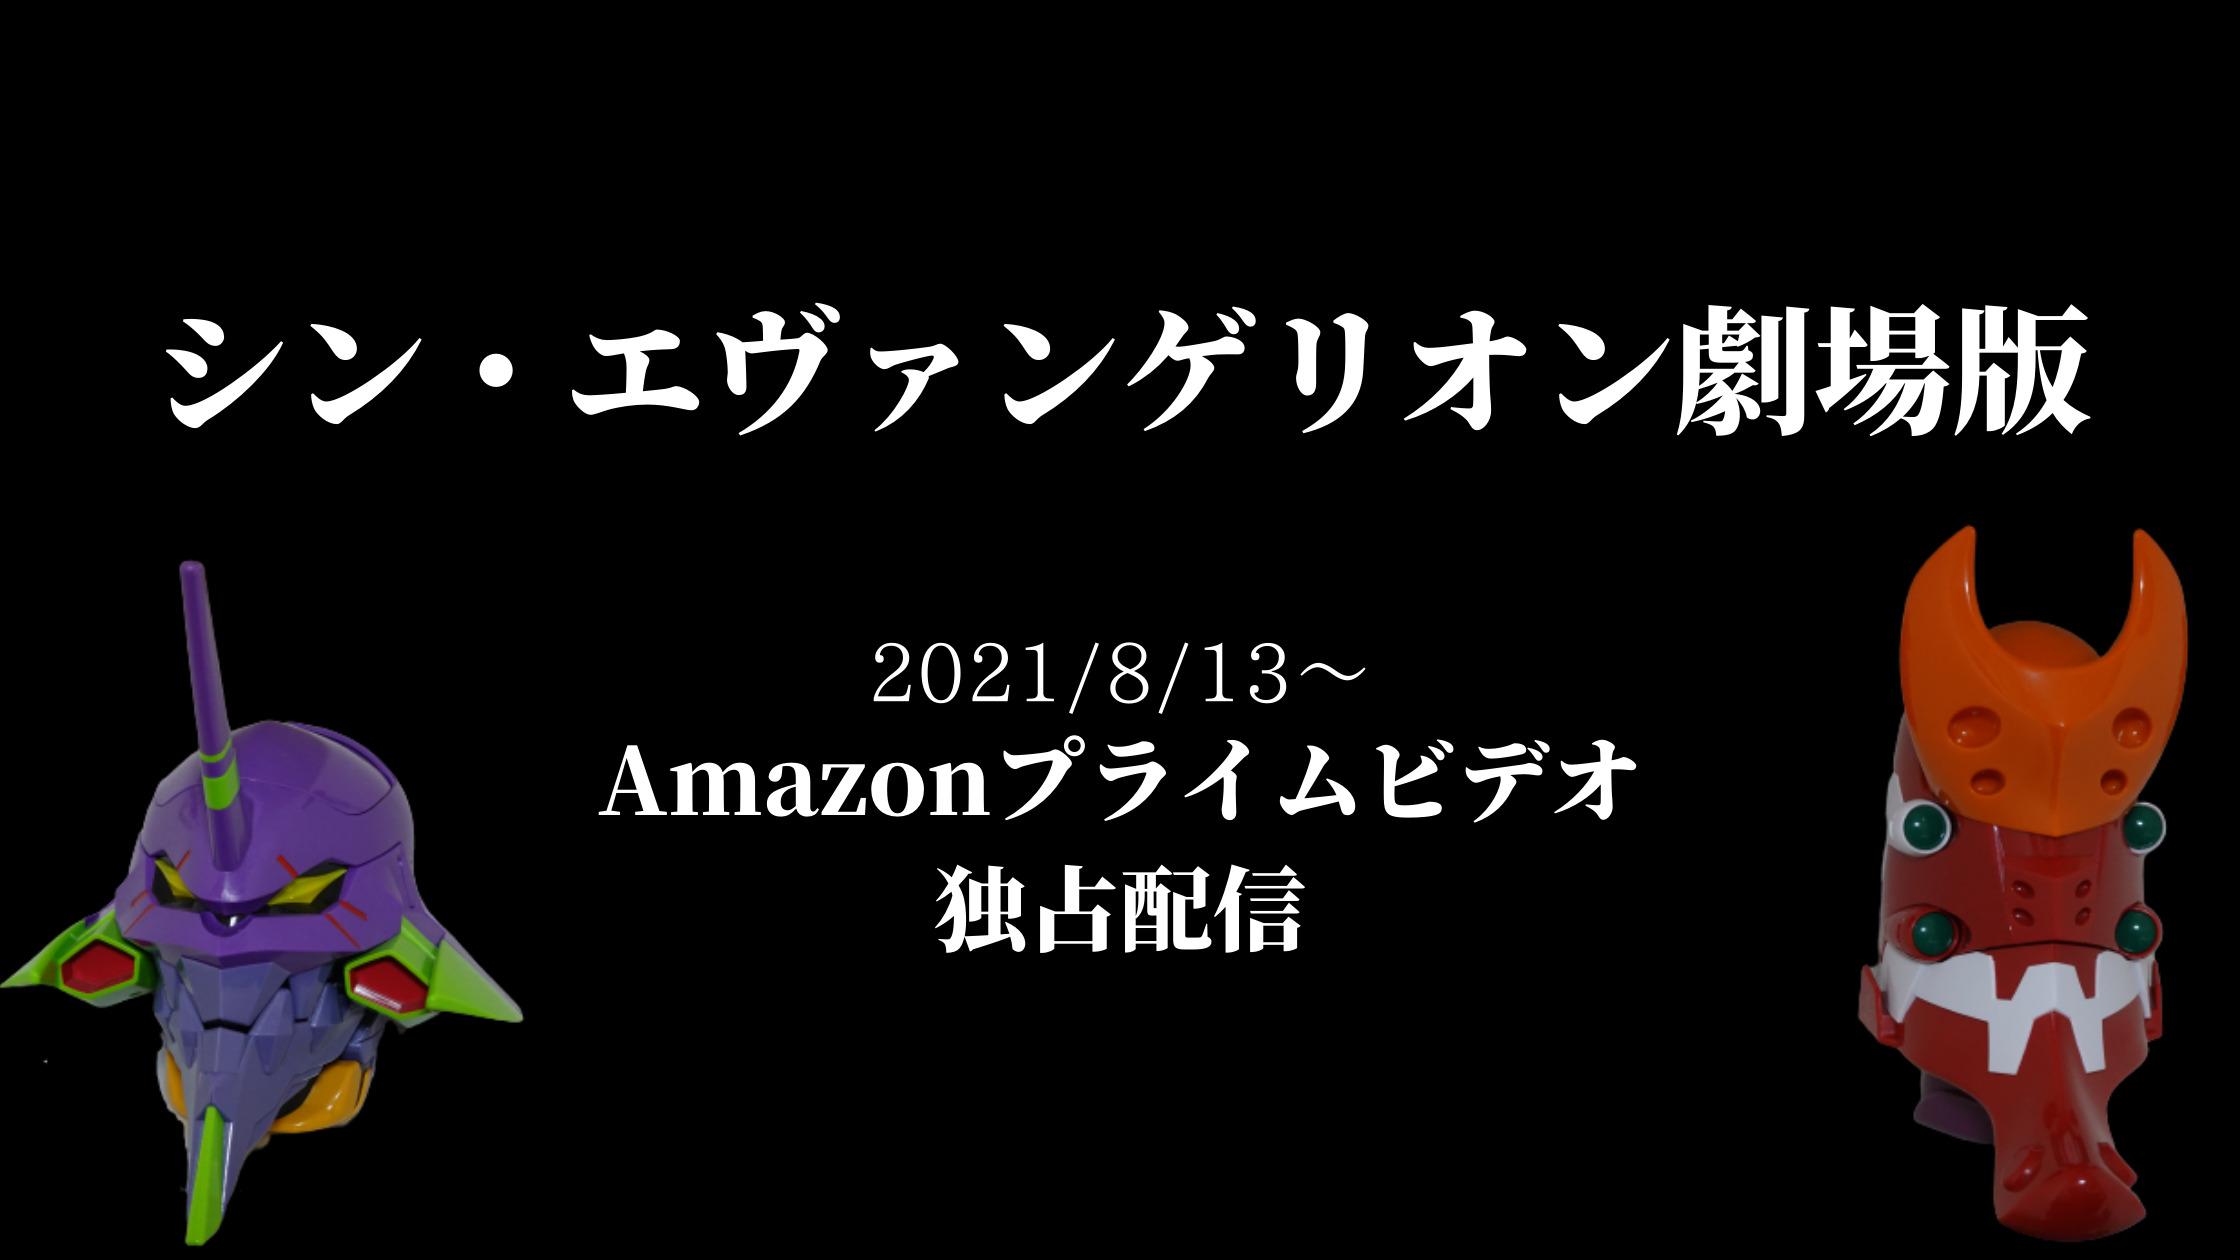 Amazonプライムビデオでエヴァンゲリオンの映画